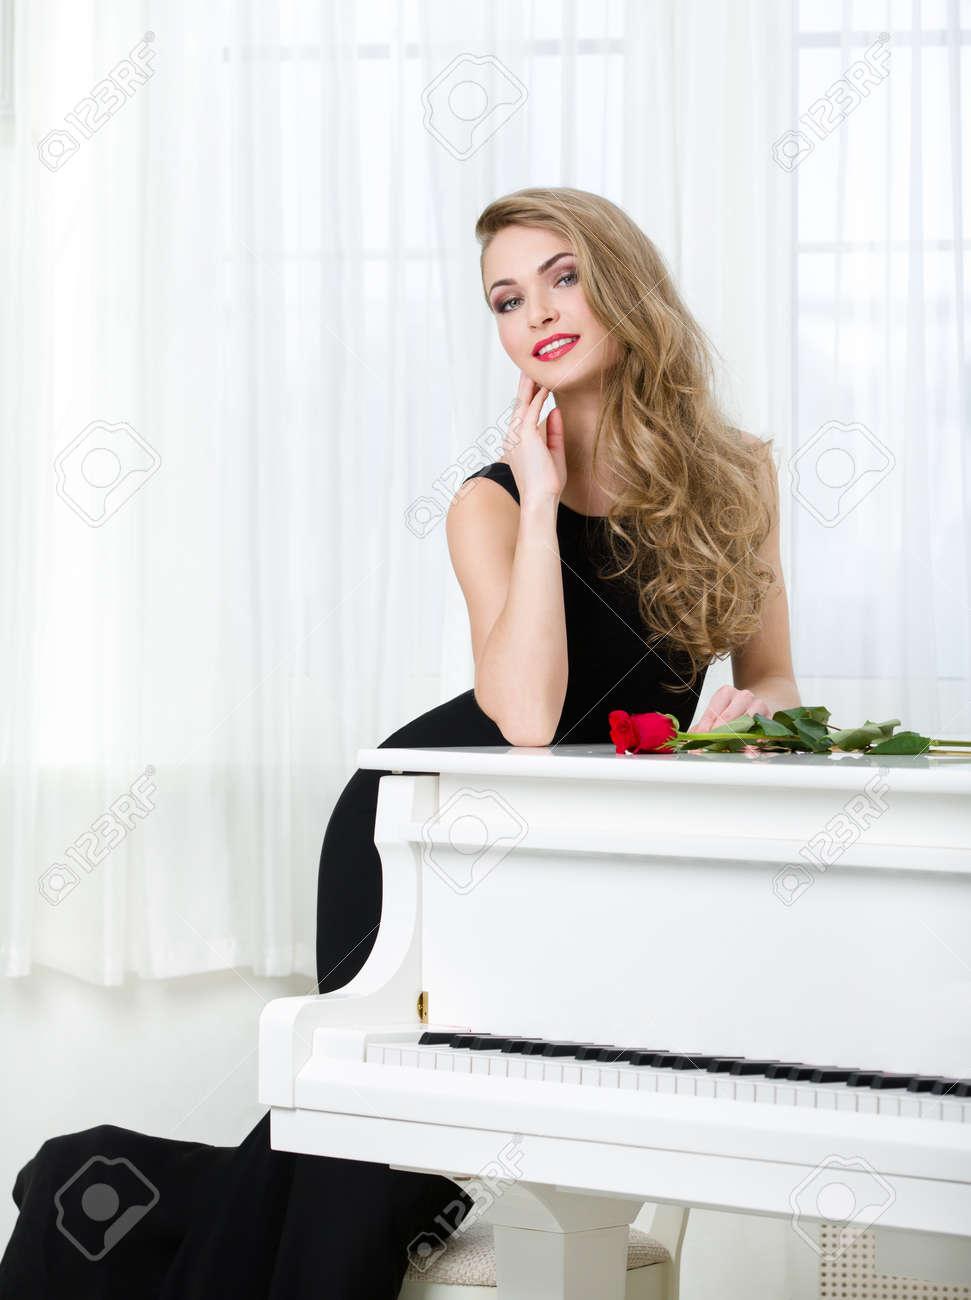 Musica mujer de vestido negro